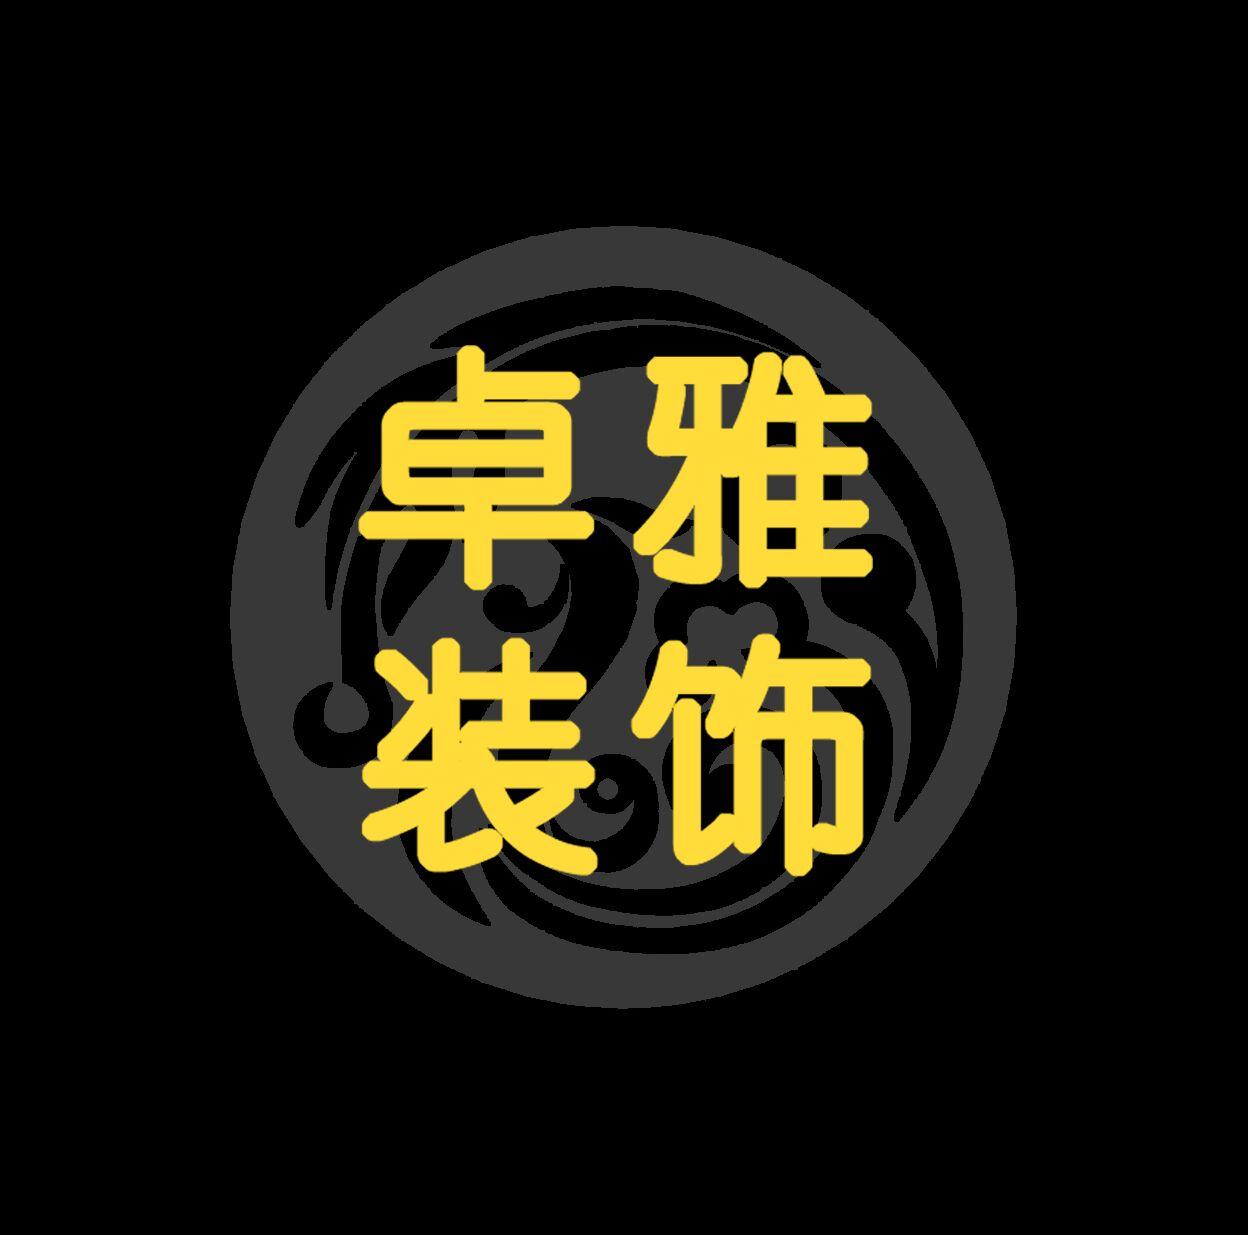 中山市卓雅装饰设计工程有限公司_才通国际人才网_job001.cn